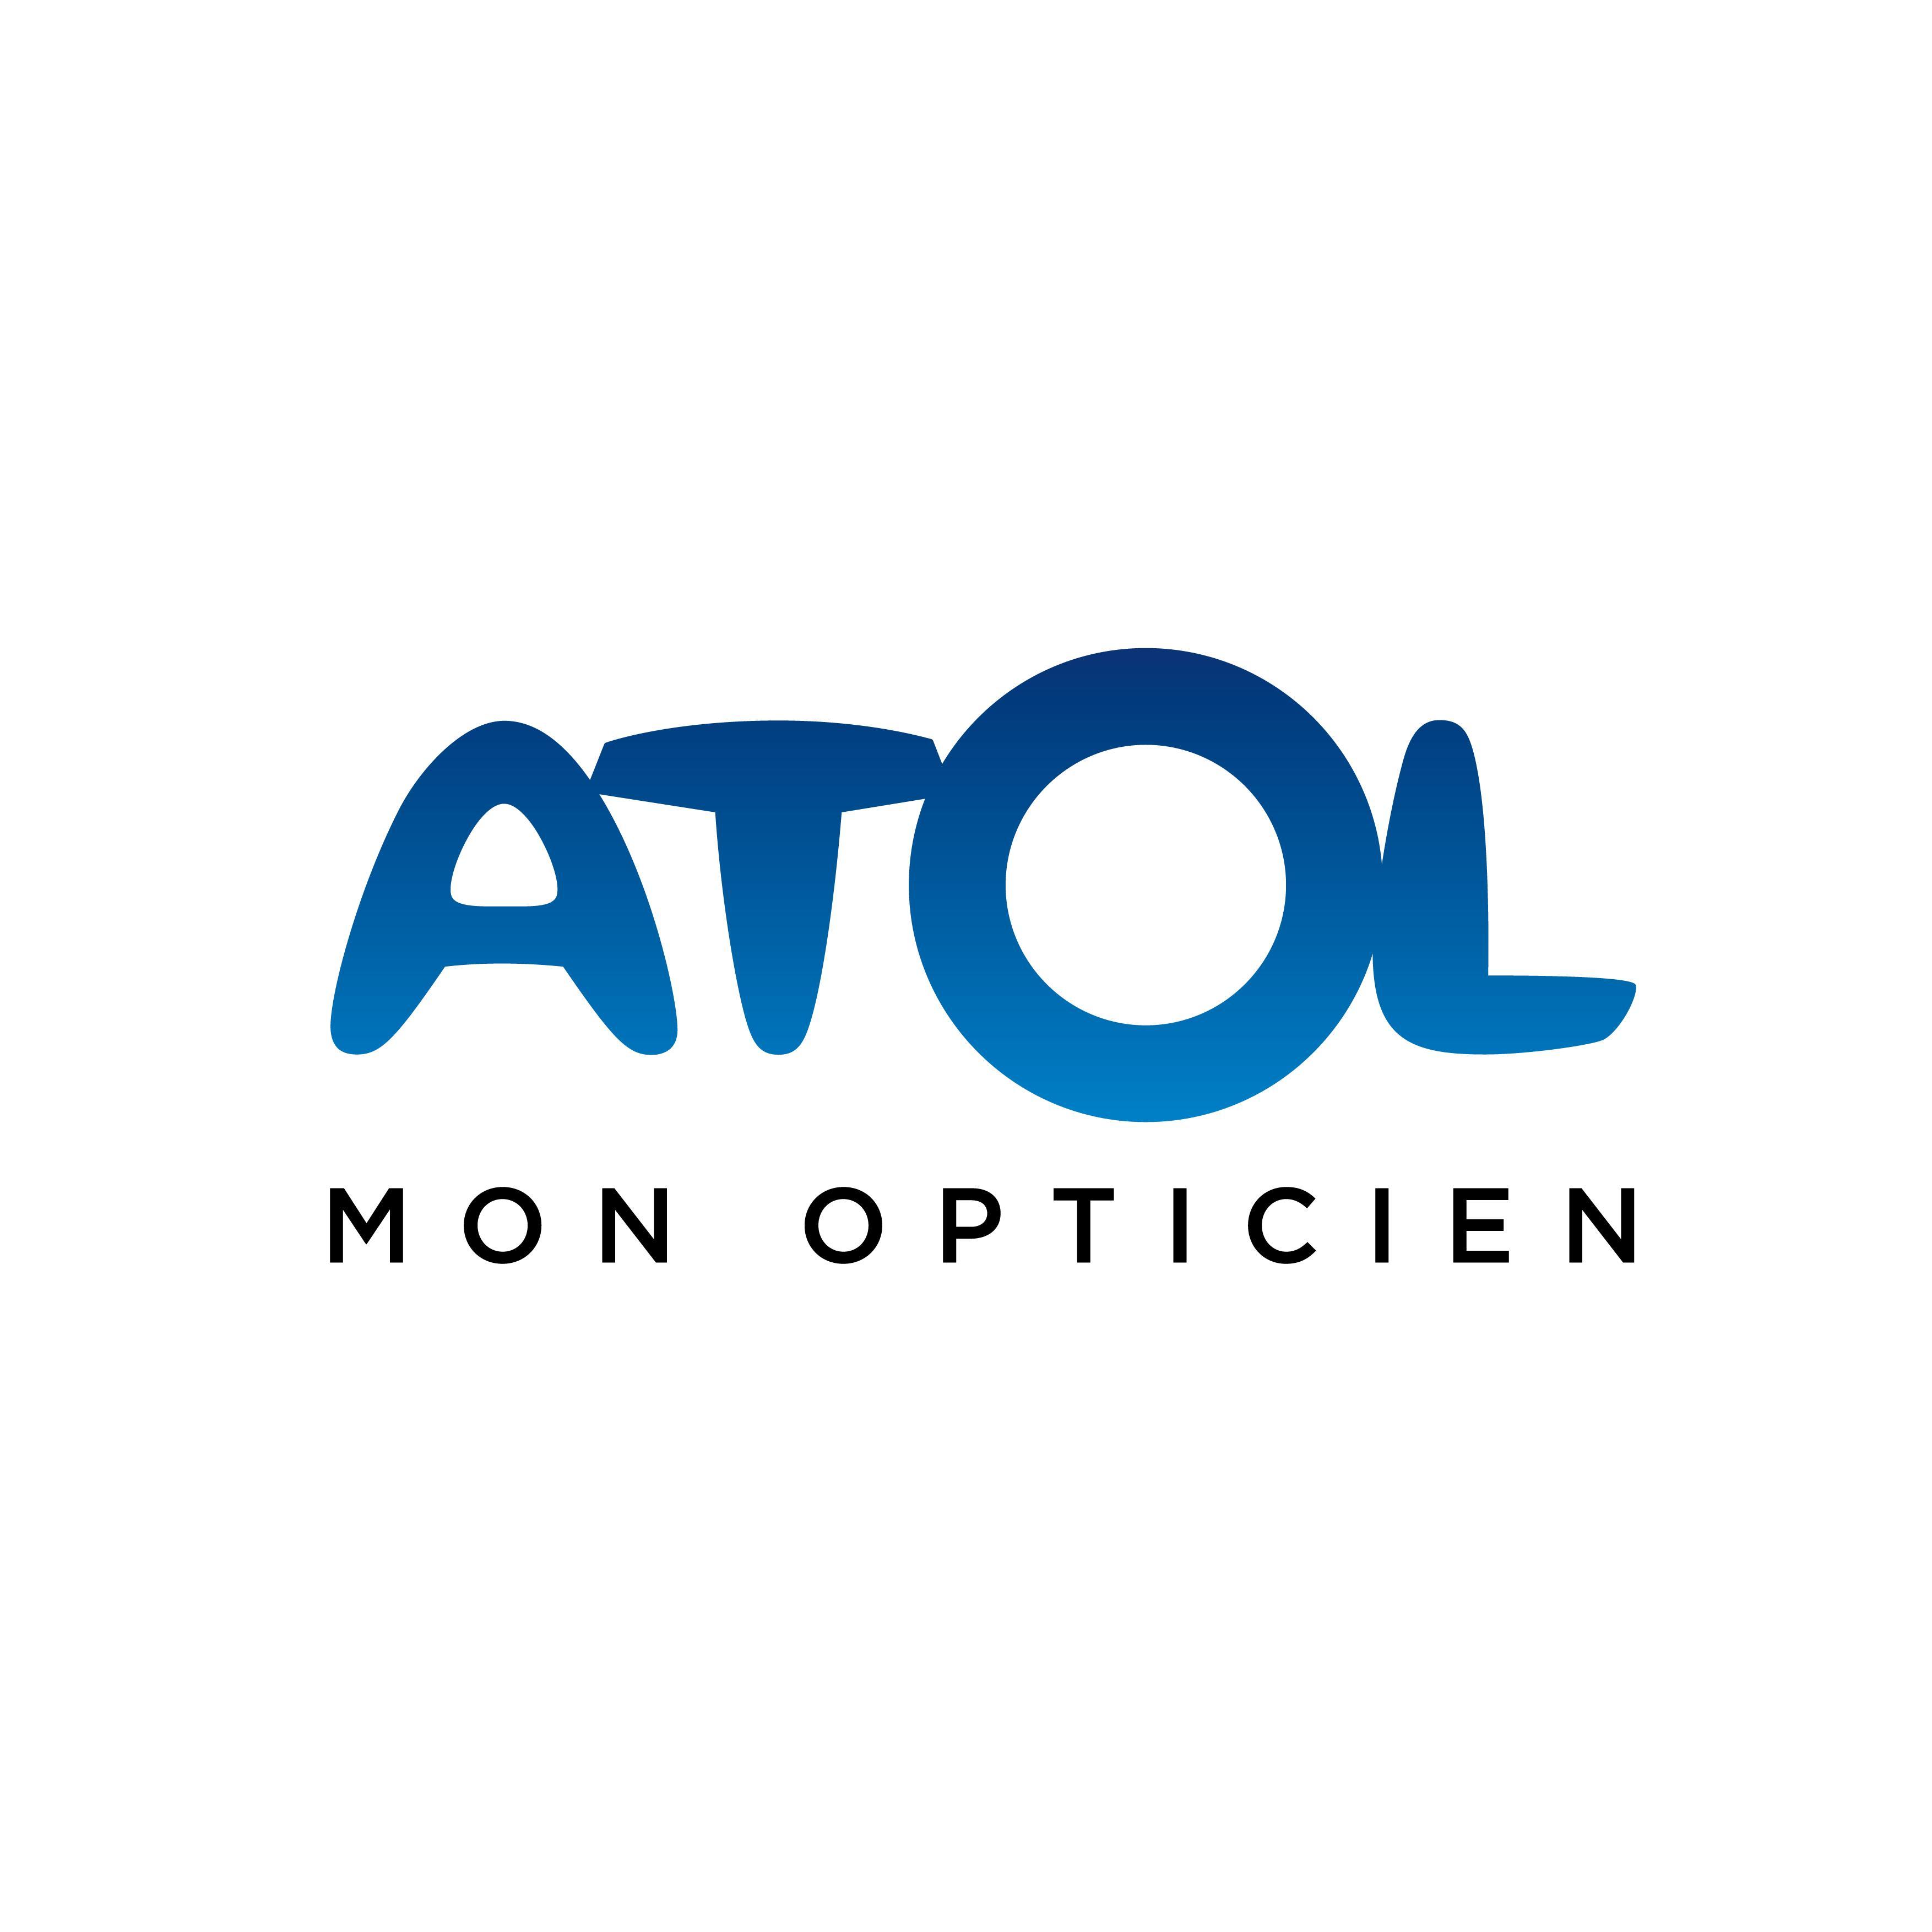 Atol Mon Opticien Gannat